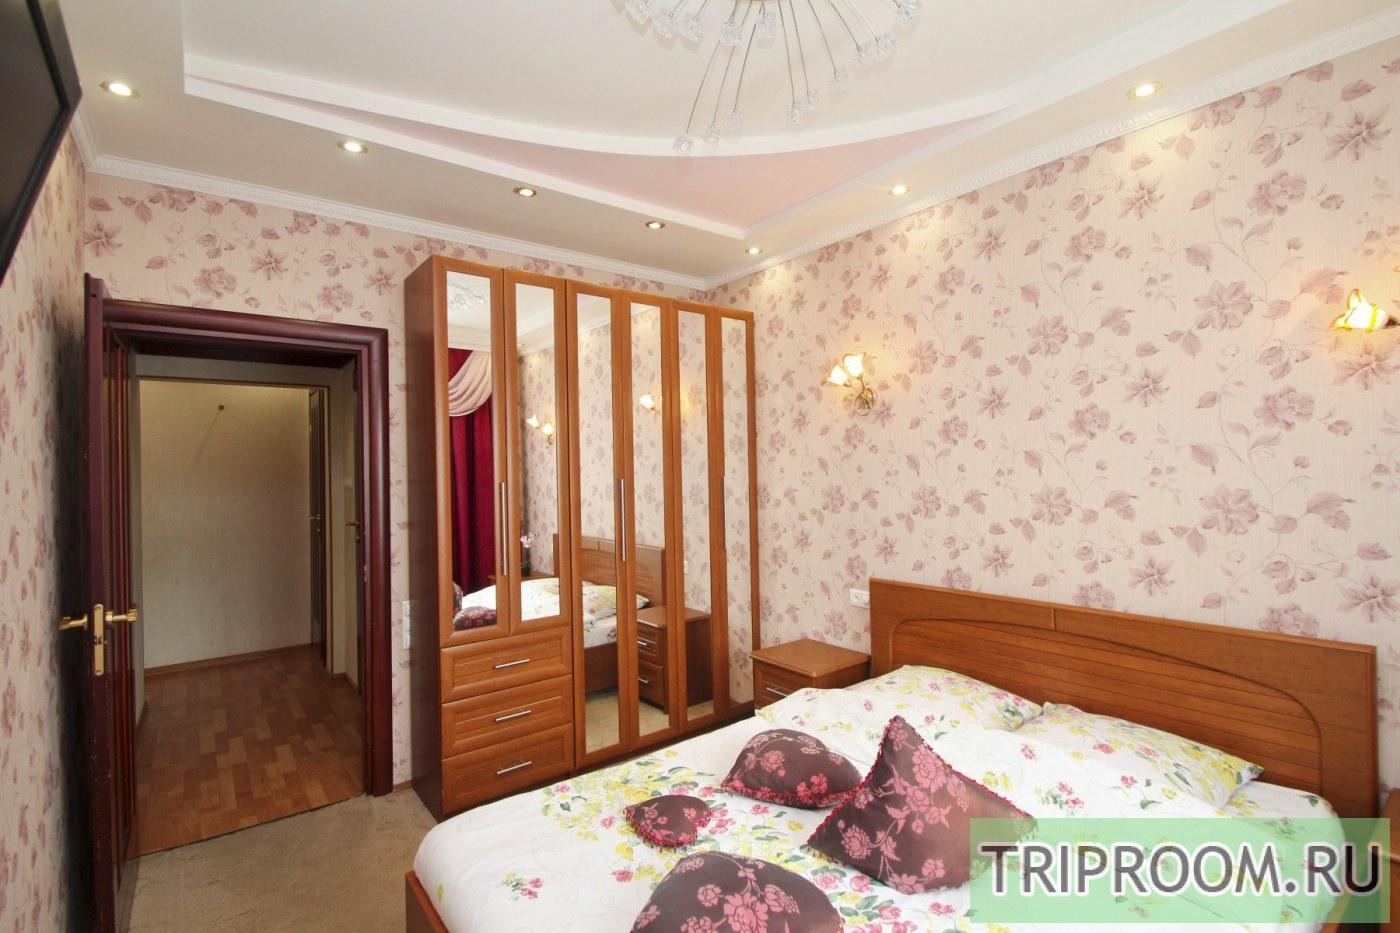 2-комнатная квартира посуточно (вариант № 37514), ул. Дзержинского улица, фото № 10